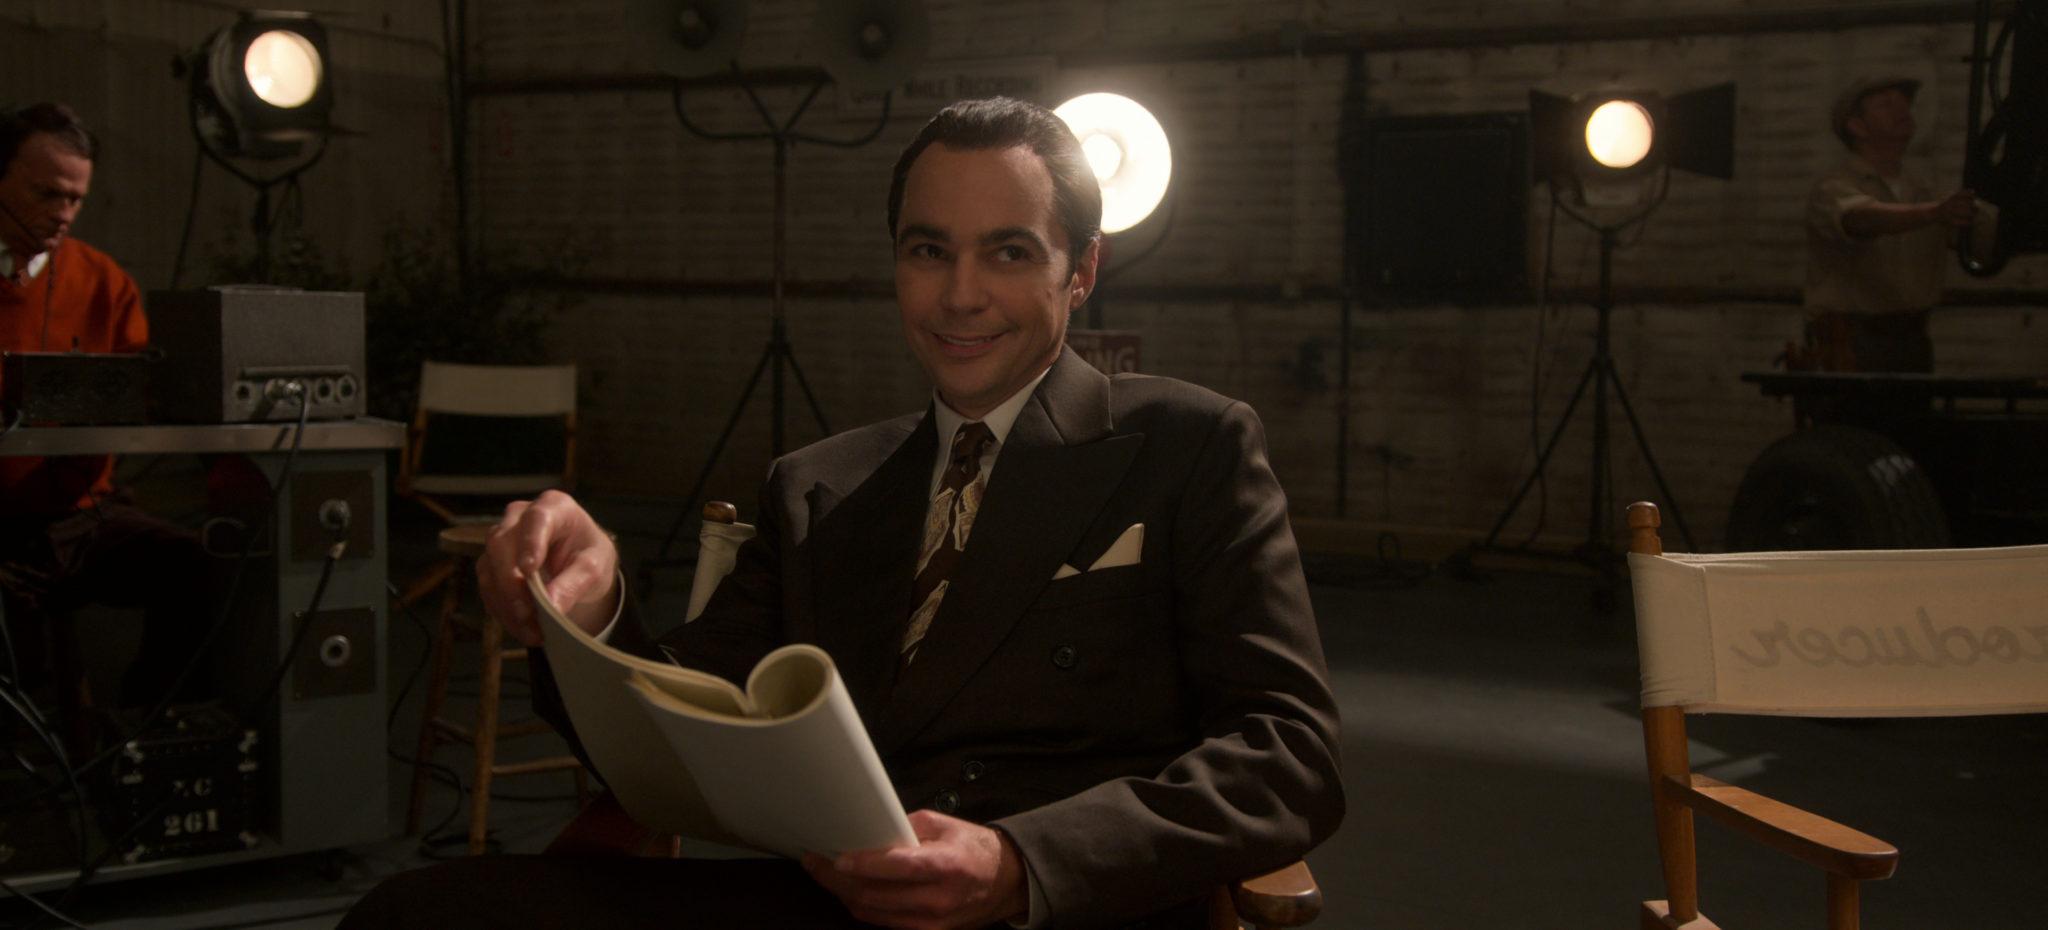 Der zwielichtige Manager Henry Wilson beim Filmdreh, in der Hand das Skript, im Hintergrund das Set